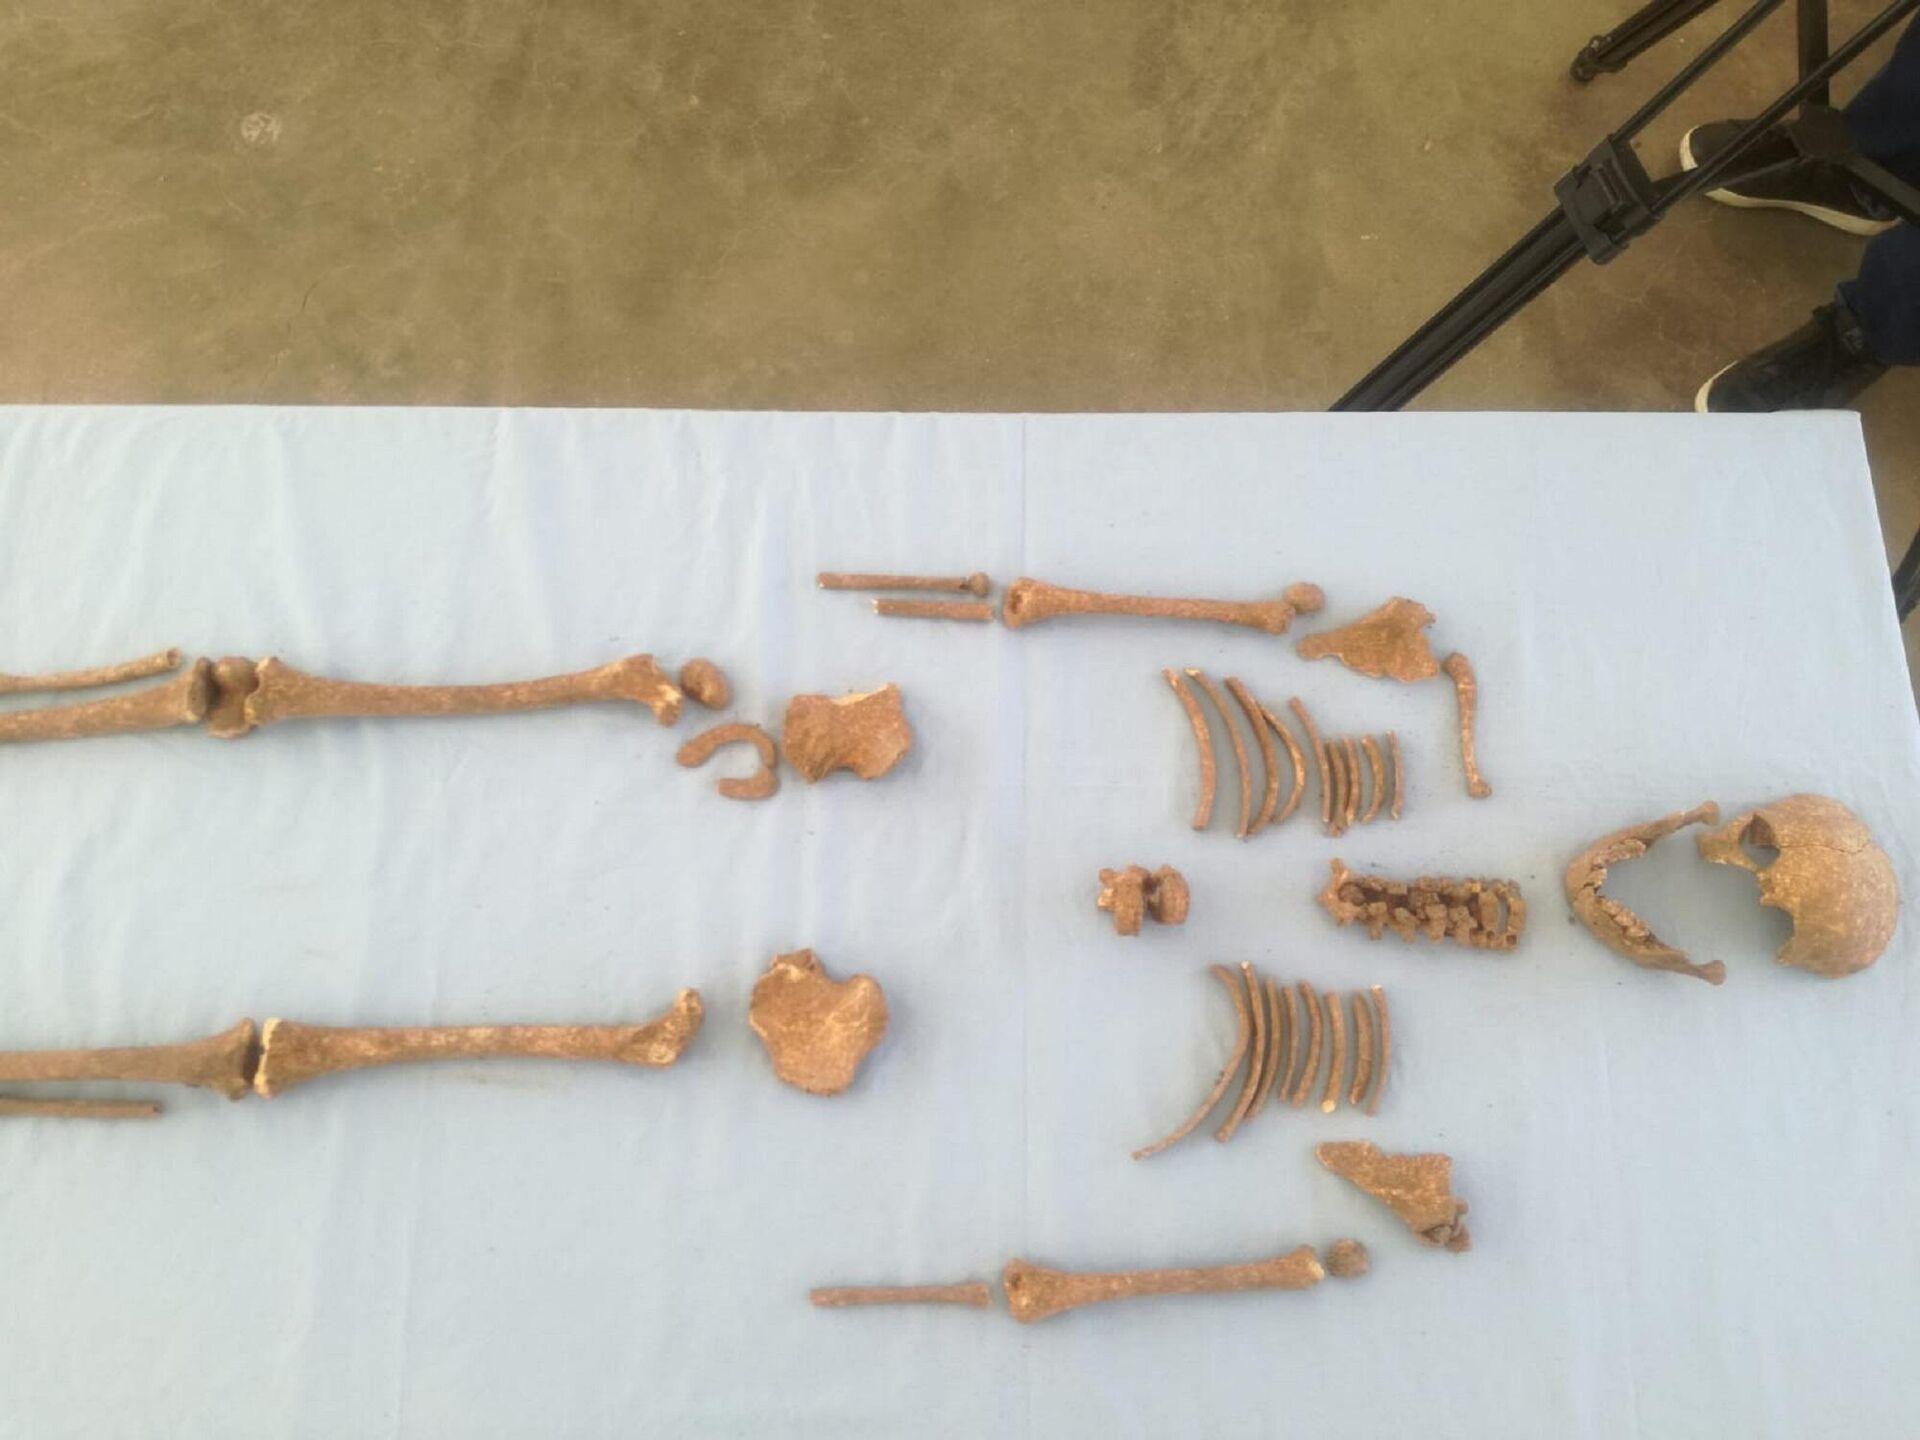 Domuztepe Höyüğü'nde Orta Çağ Dönemi'ne ait çocuk iskeleti bulundu - Sputnik Türkiye, 1920, 20.09.2021